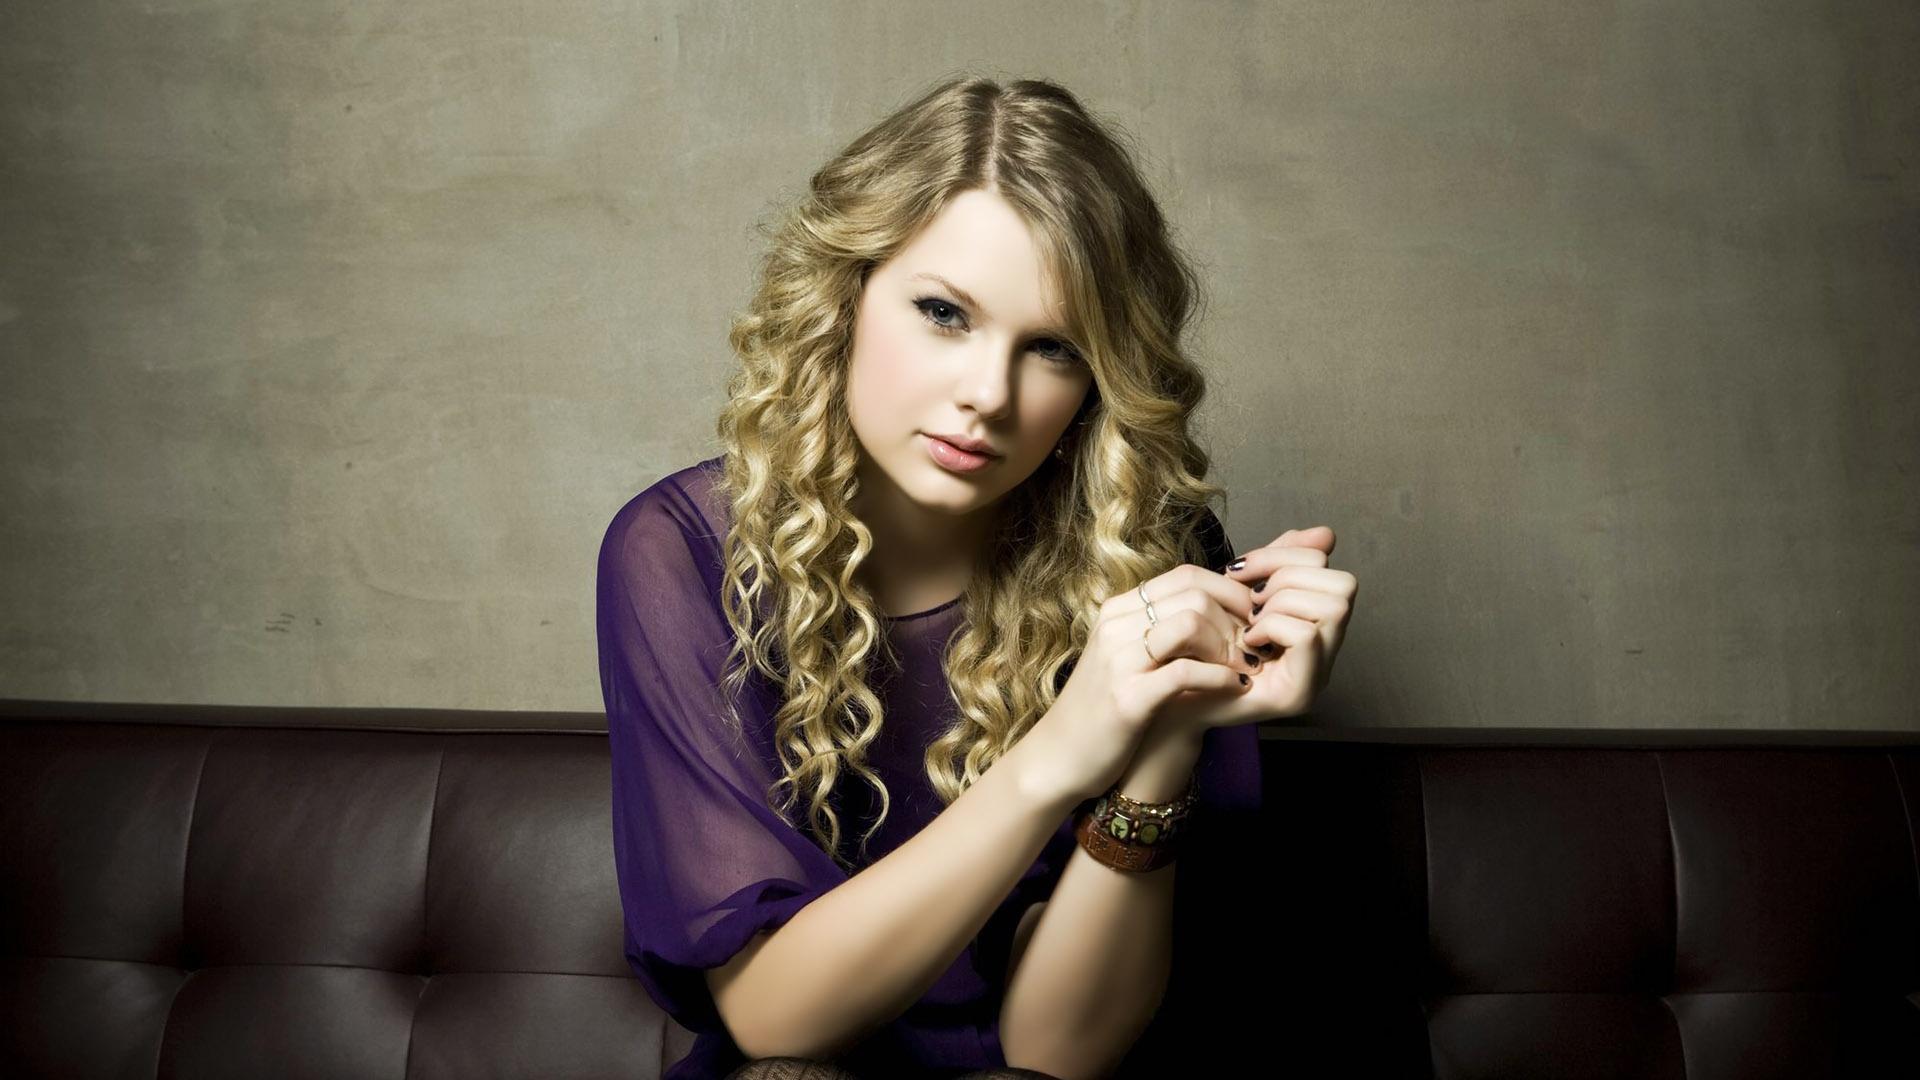 Taylor Swift HD   Taylor Swift Wallpaper 25909807 1920x1080